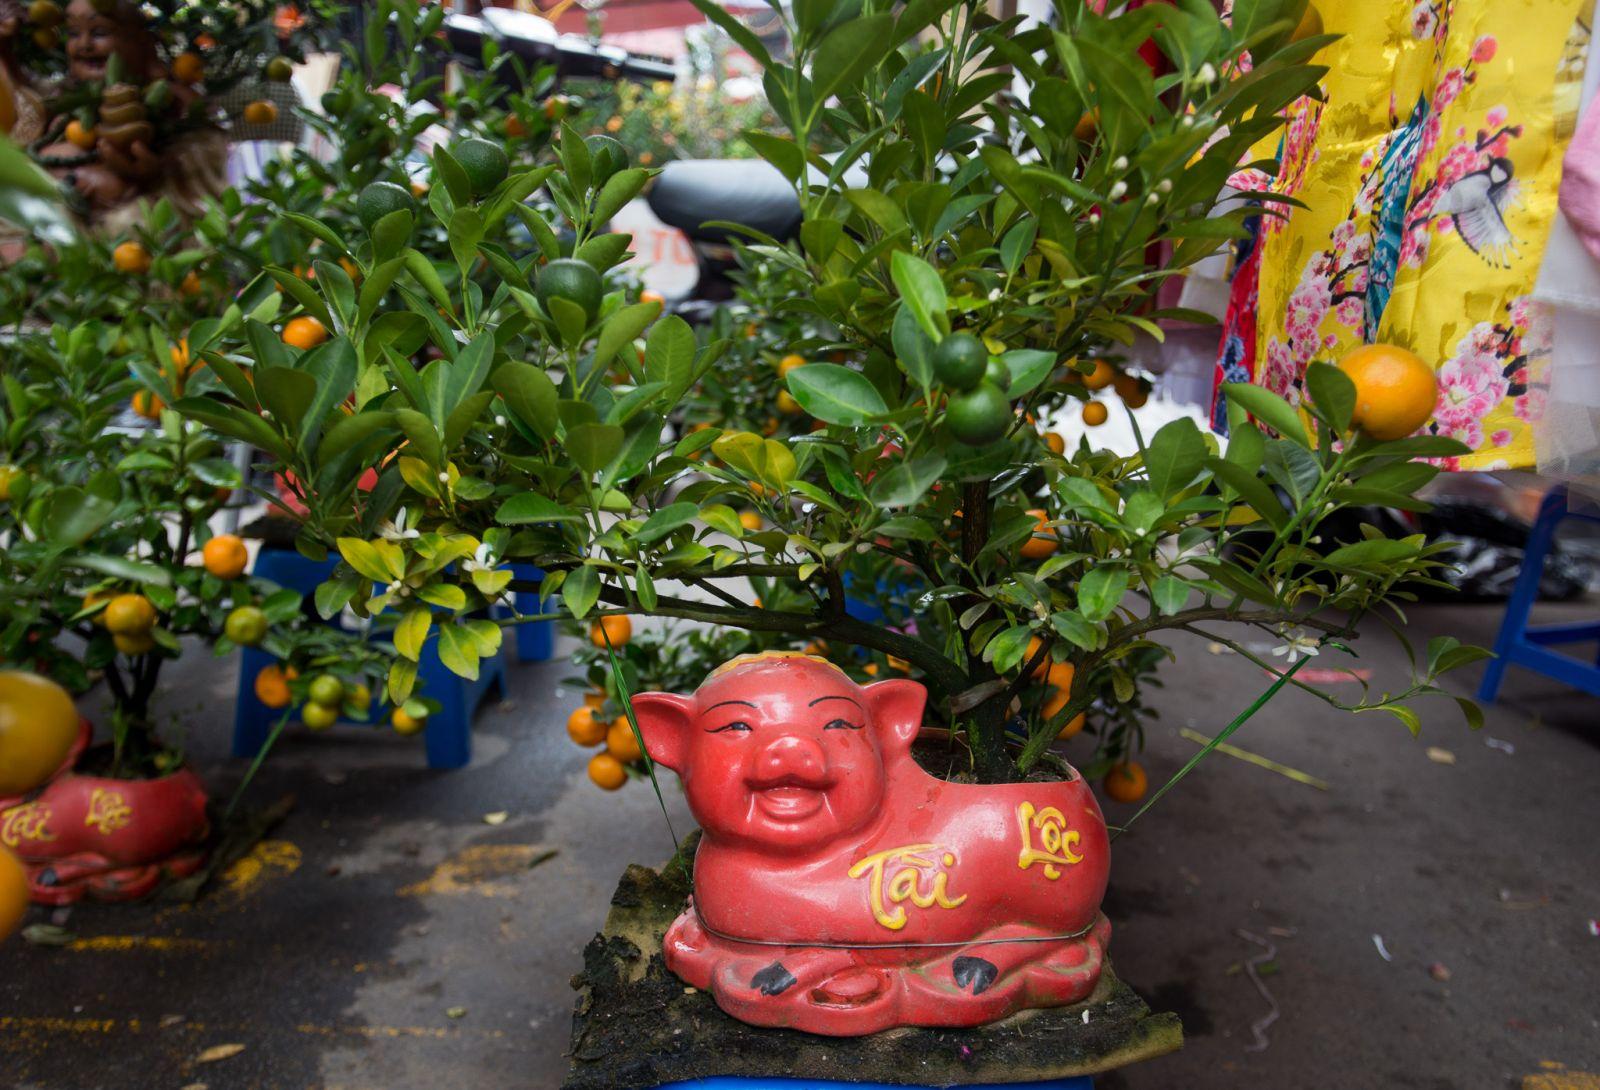 Tết 2019 là Tết Kỷ Hợi nên biểu tượng hình chú heo lên ngôi. Quất bonsai trồng trong heo đất với chữ Tài Lộc mang tới may mắn, sung túc dịp năm mới.